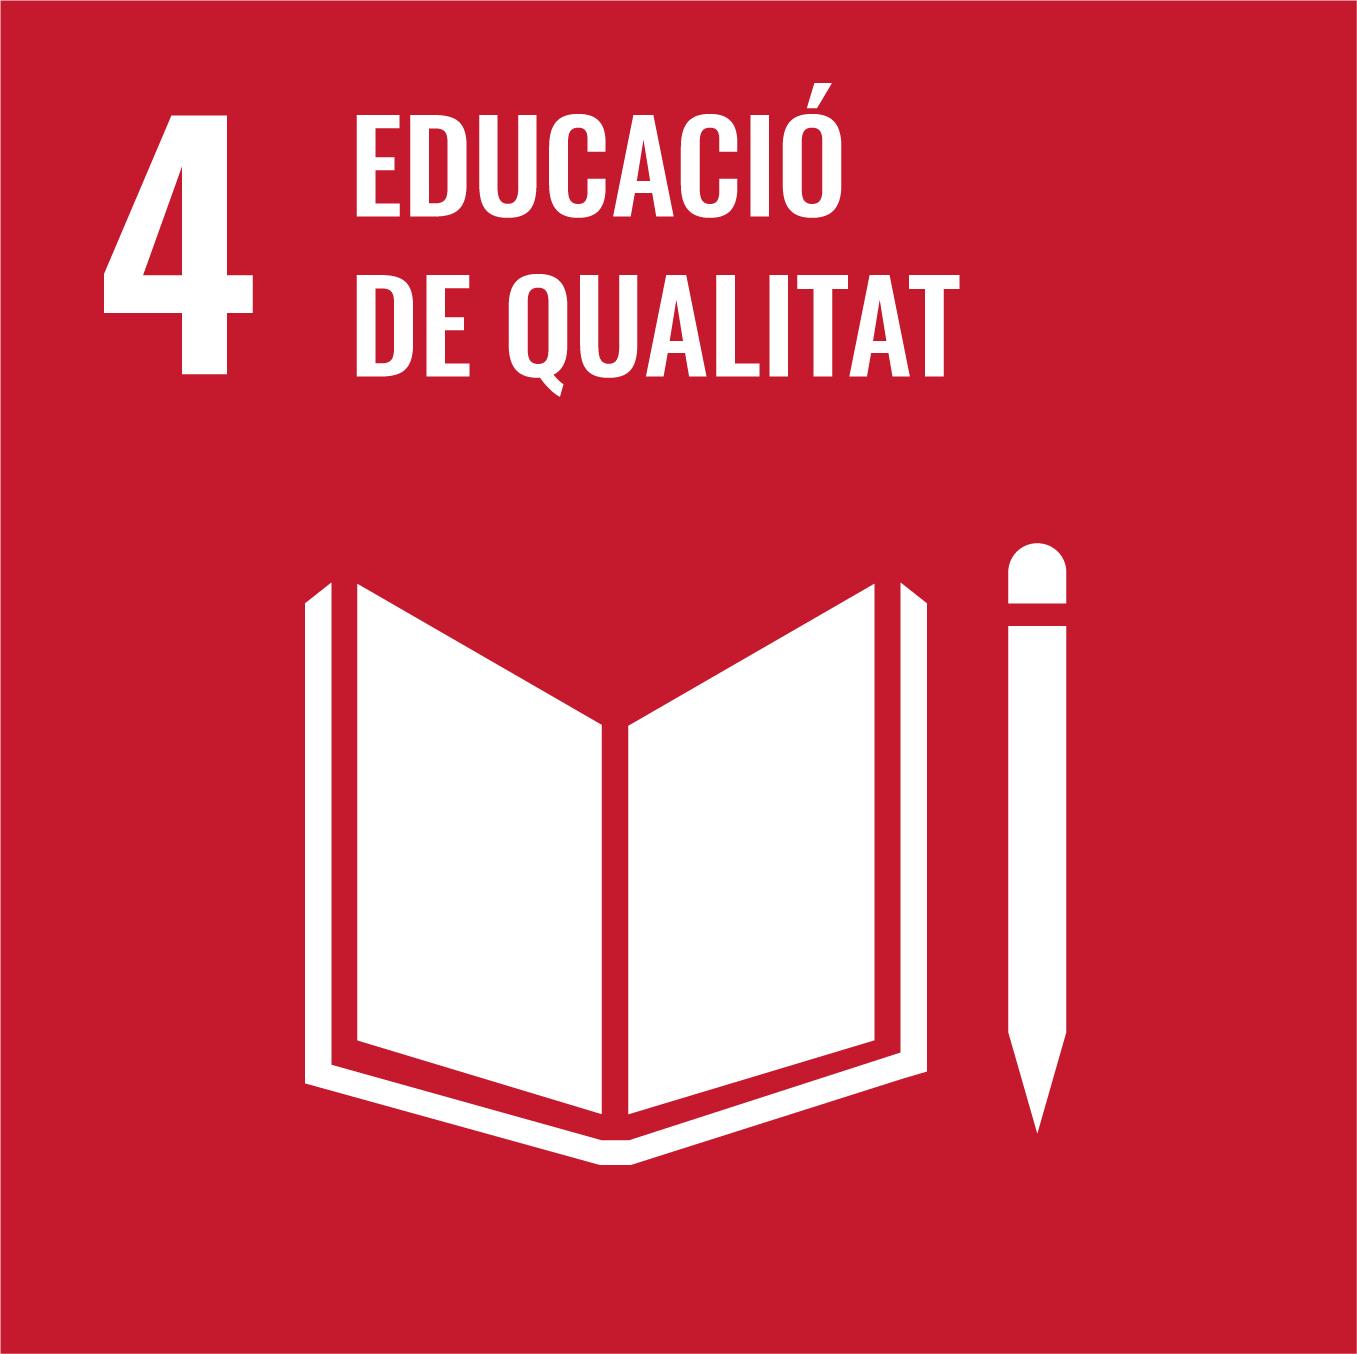 Educació de Qualitat - Objectiu 4